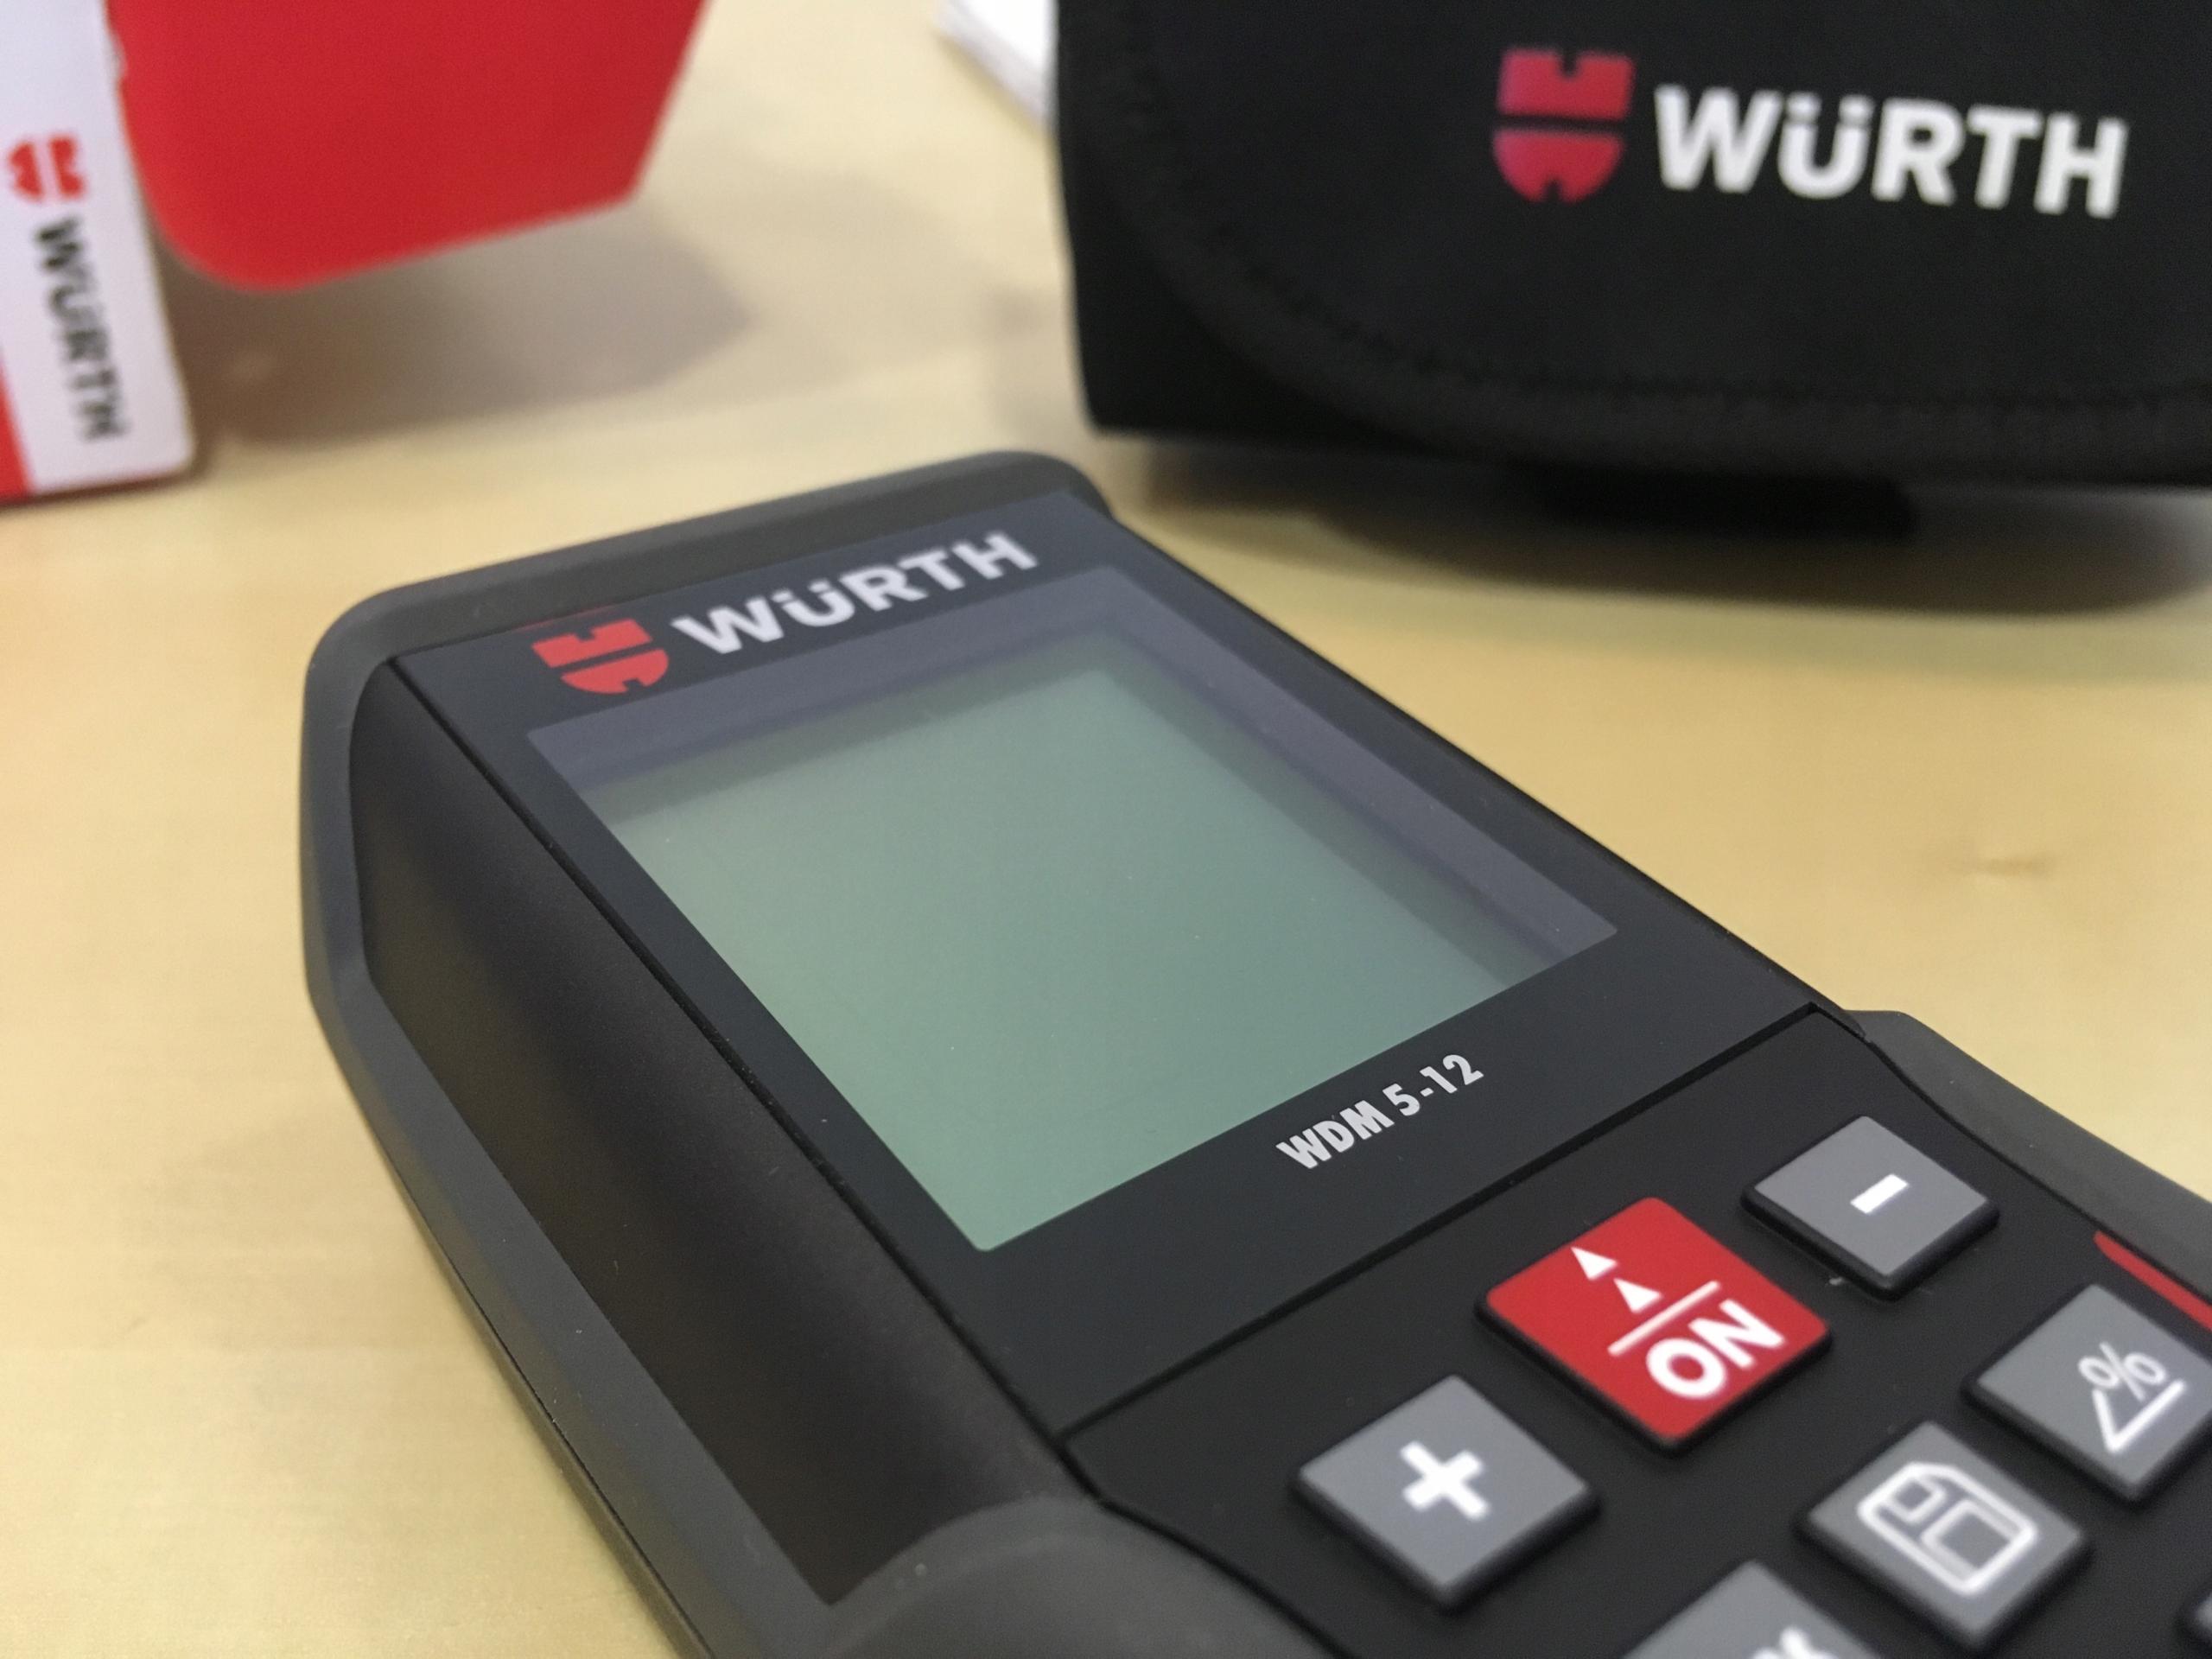 Dalmierz laserowy wurth wdm  oficjalne archiwum